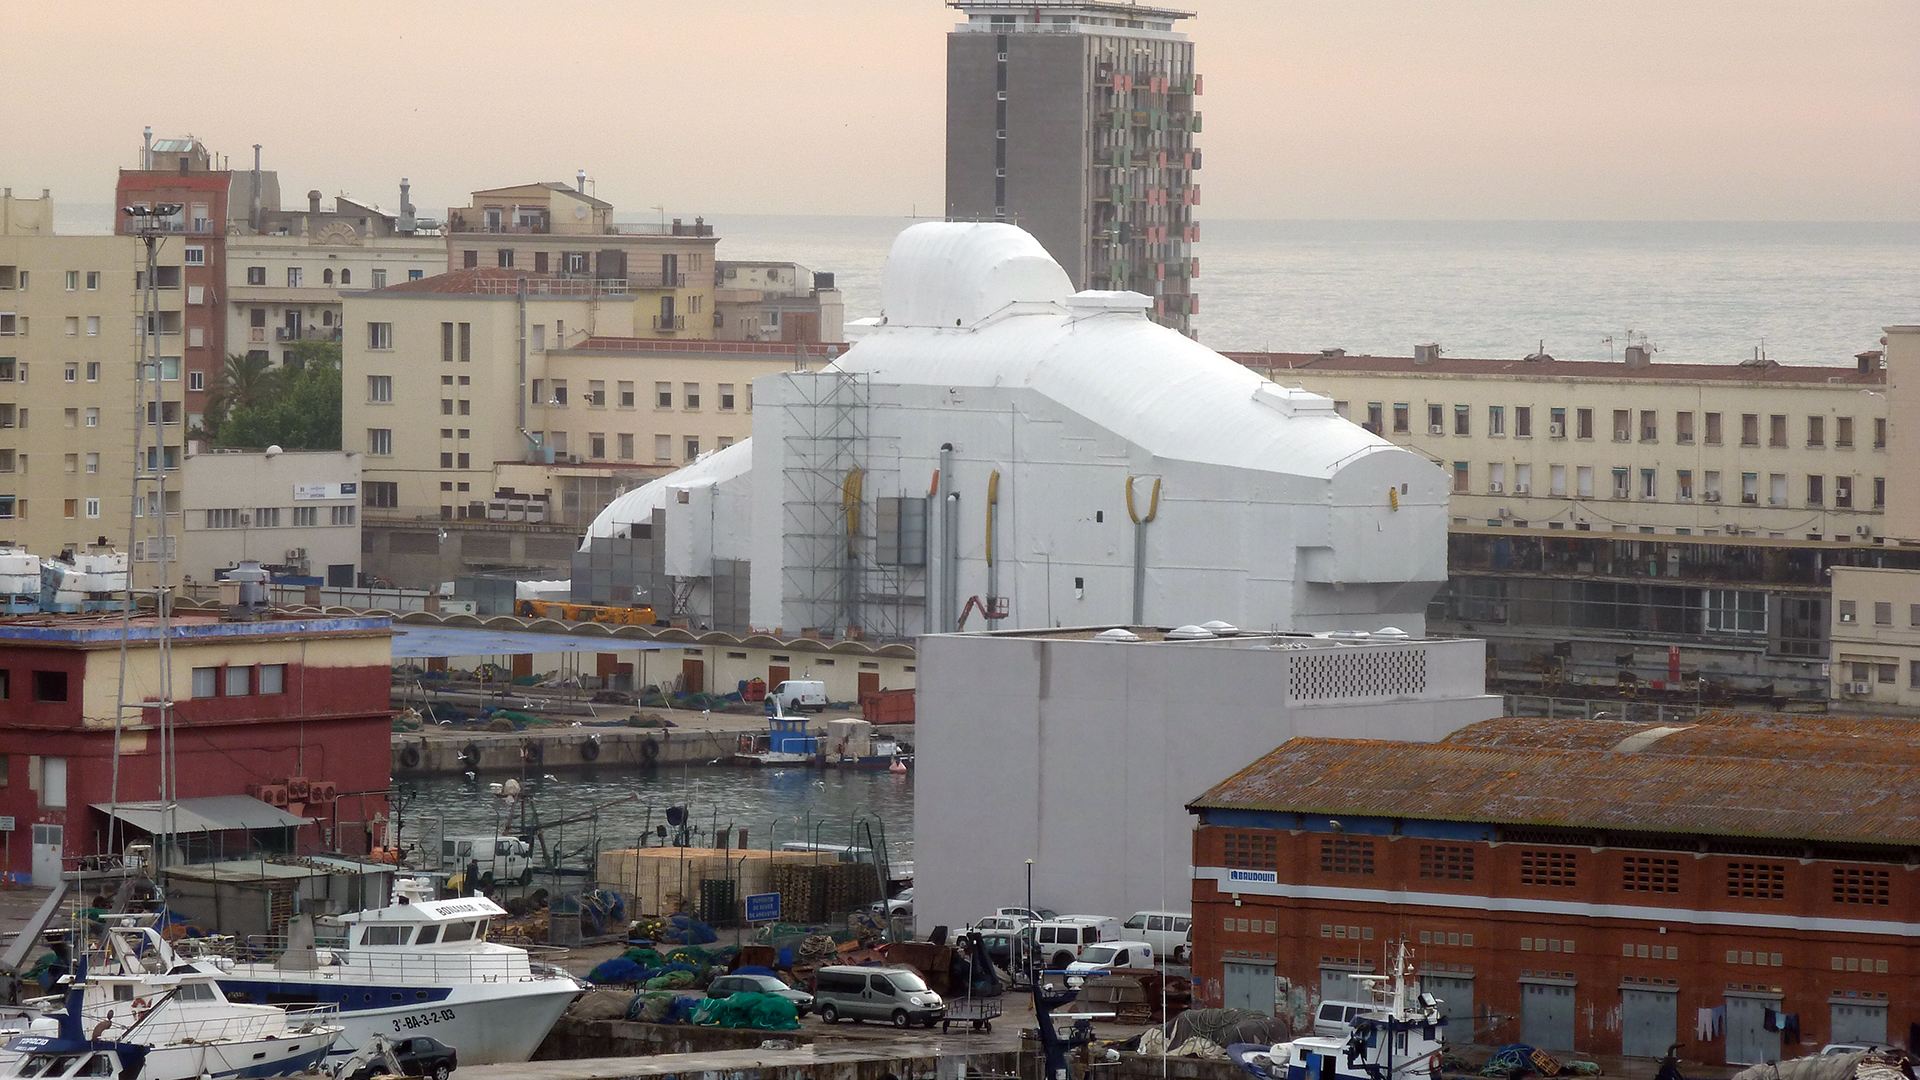 Maler-Wedel-Hamburg-Innenarbeiten-Motoryacht-Polarstar-Hafen-Barcelona